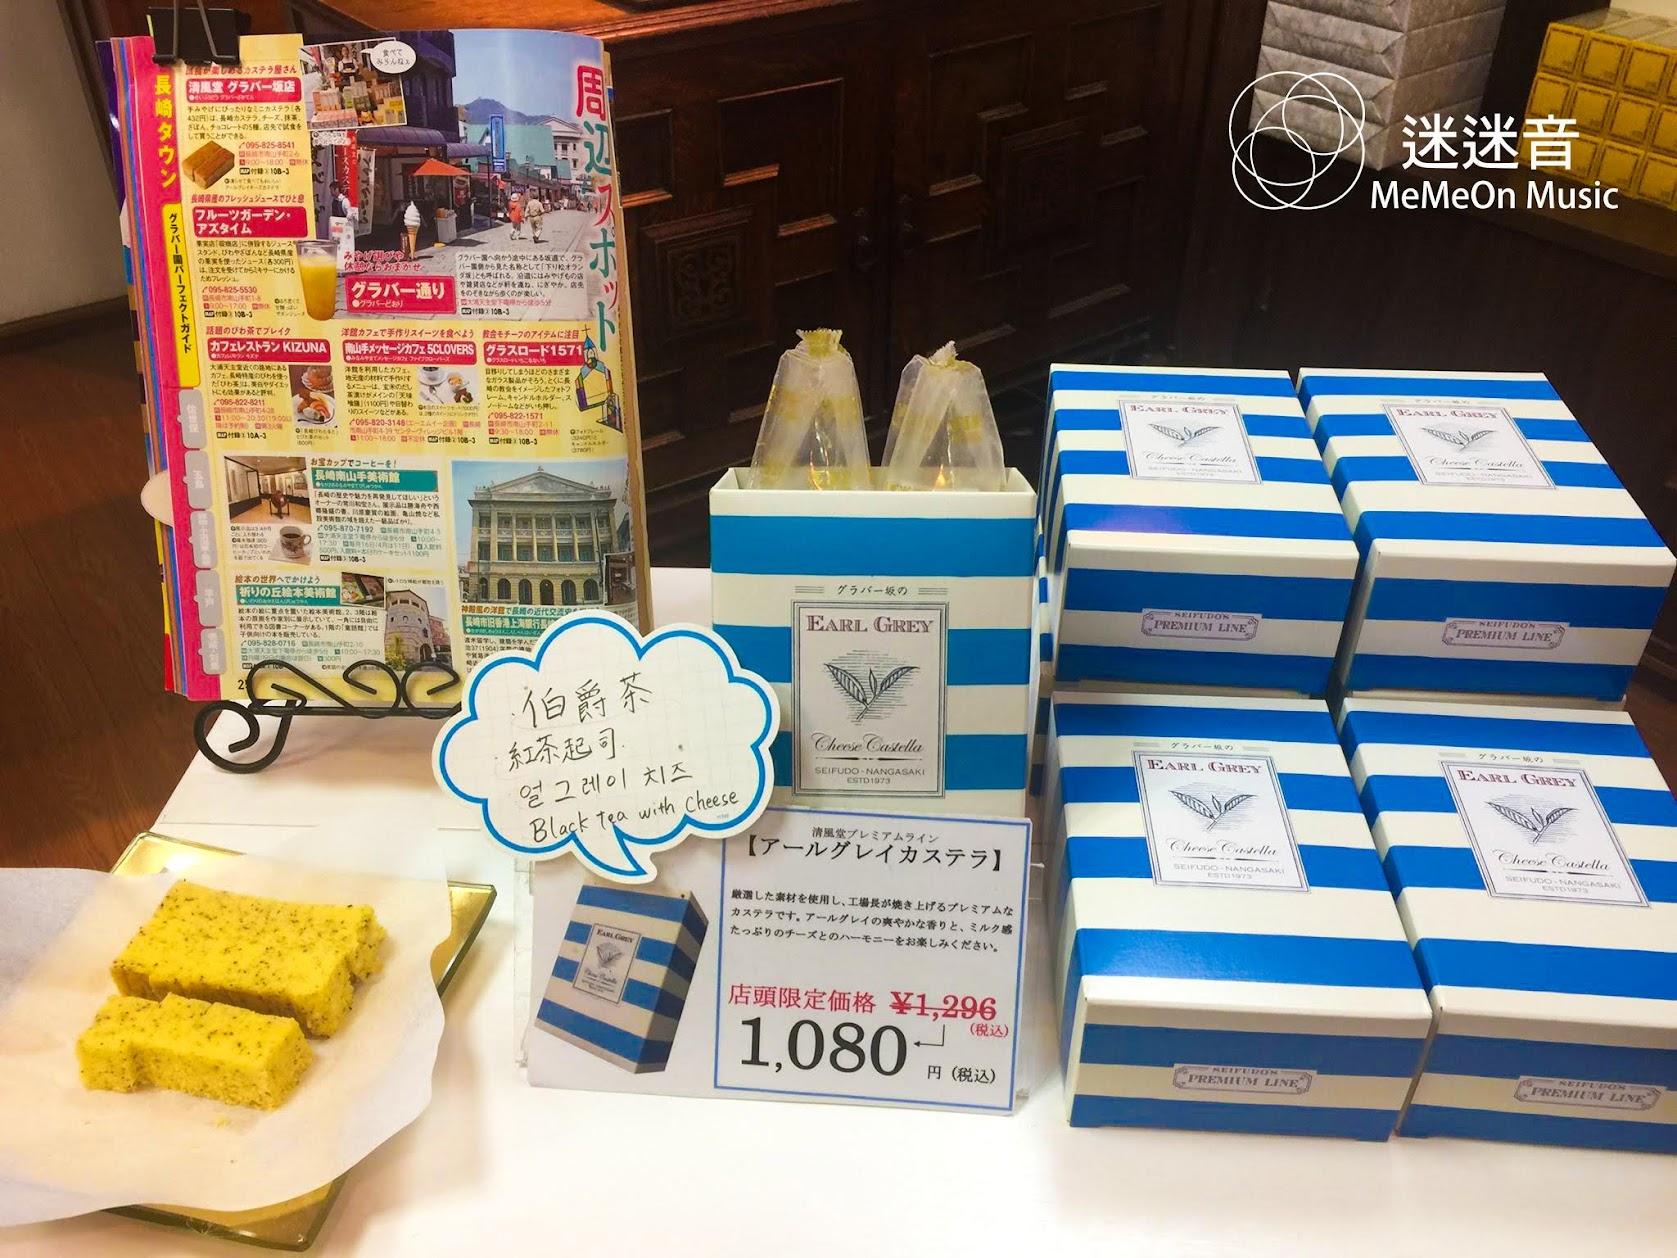 [迷迷日本] 福山雅治從小吃到大的長崎蜂蜜蛋糕ー「清風堂」